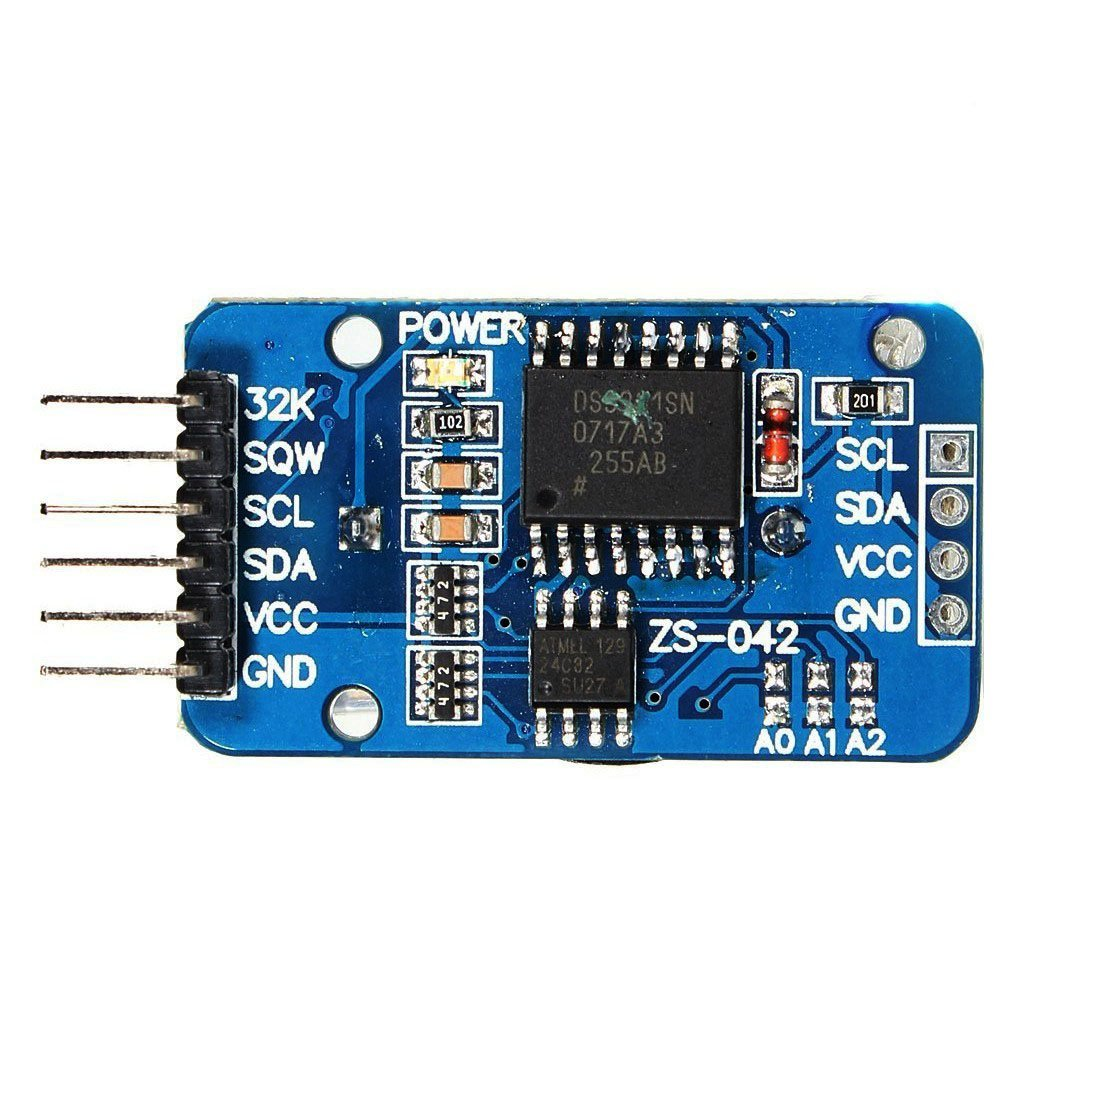 DS3231 AT24C32 高精度時鐘 RTC 模組 IC 通訊 時鐘存儲模組